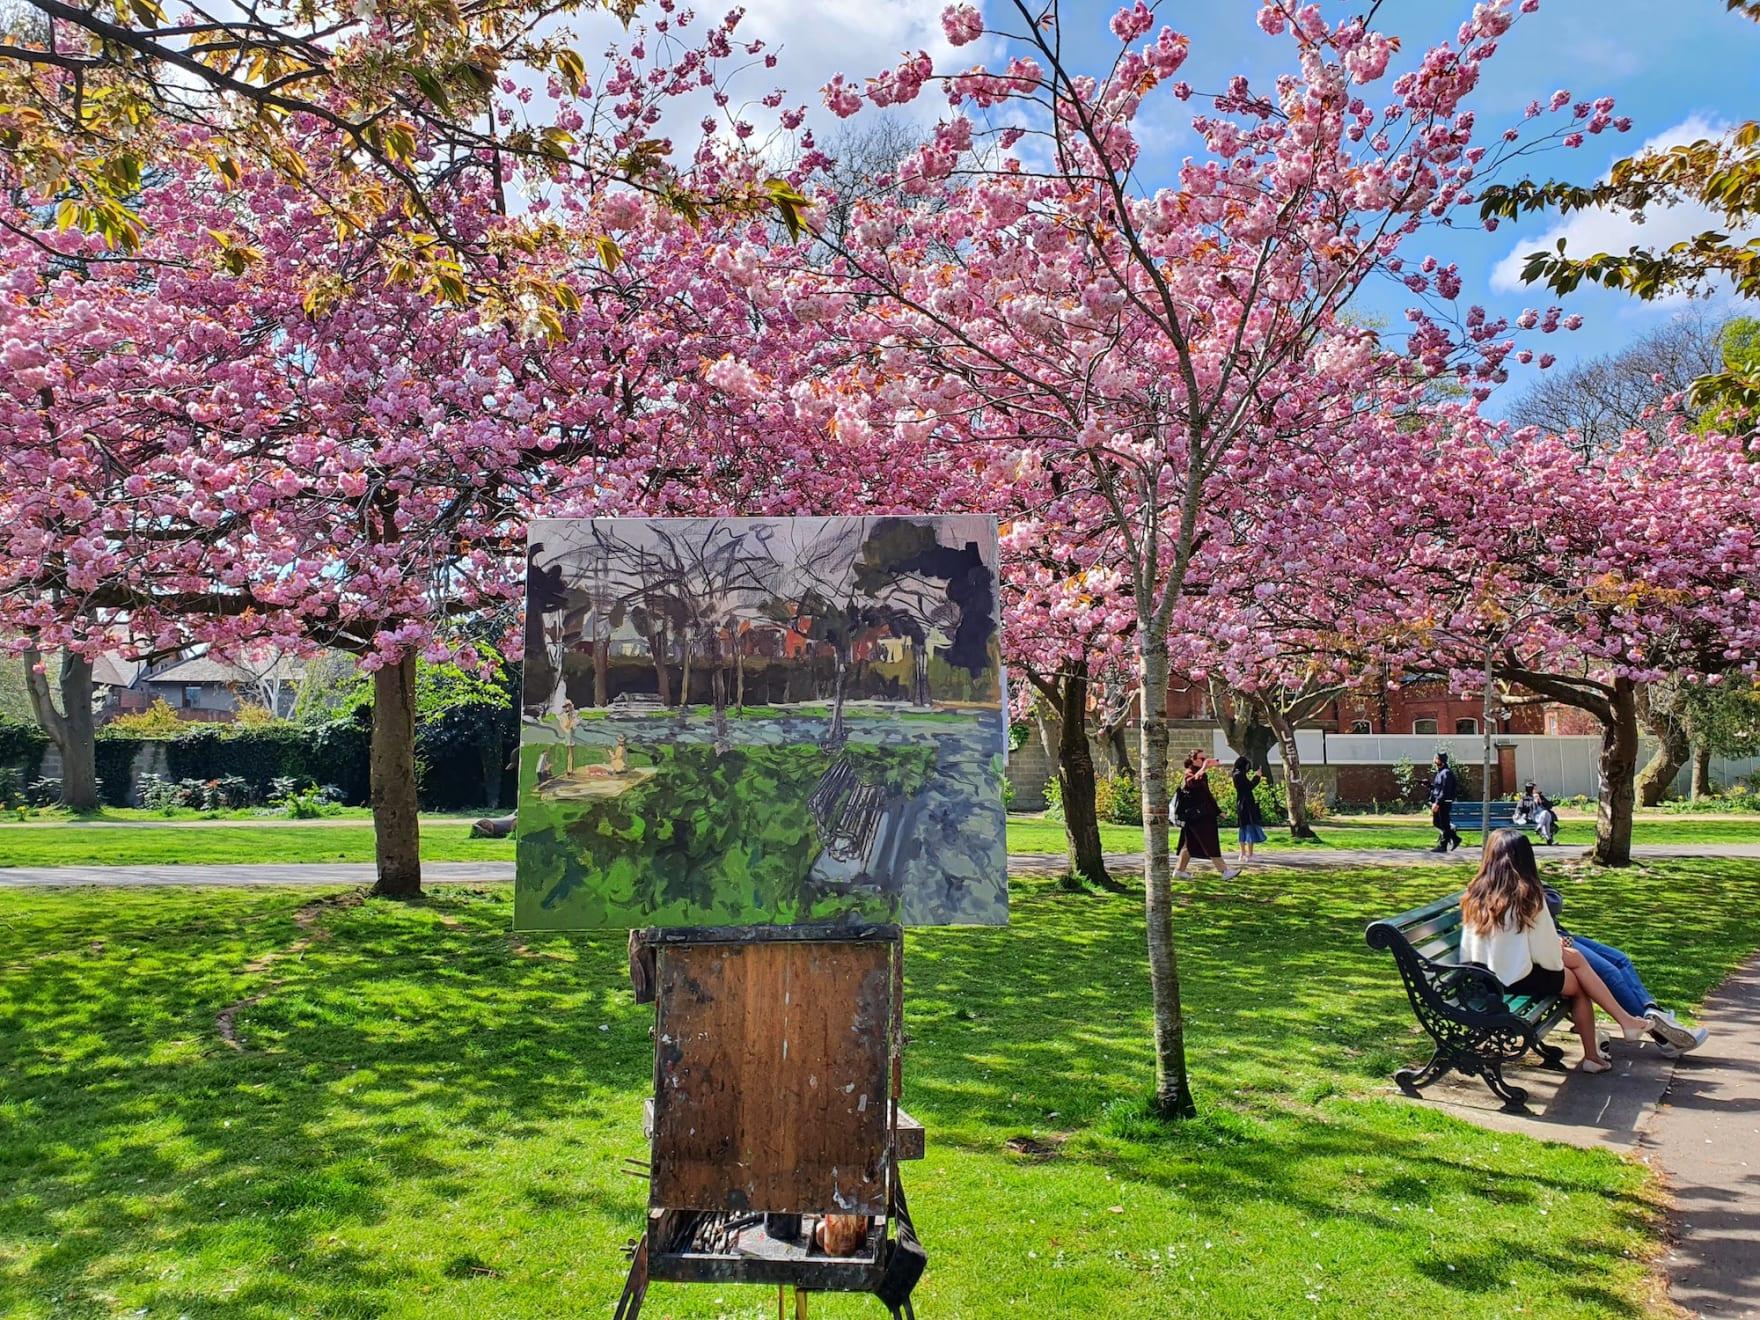 17 APRIL 2021 HERBERT PARK, DUBLIN Spring is Here! Herbert Park photo: Zahra Esmaeili